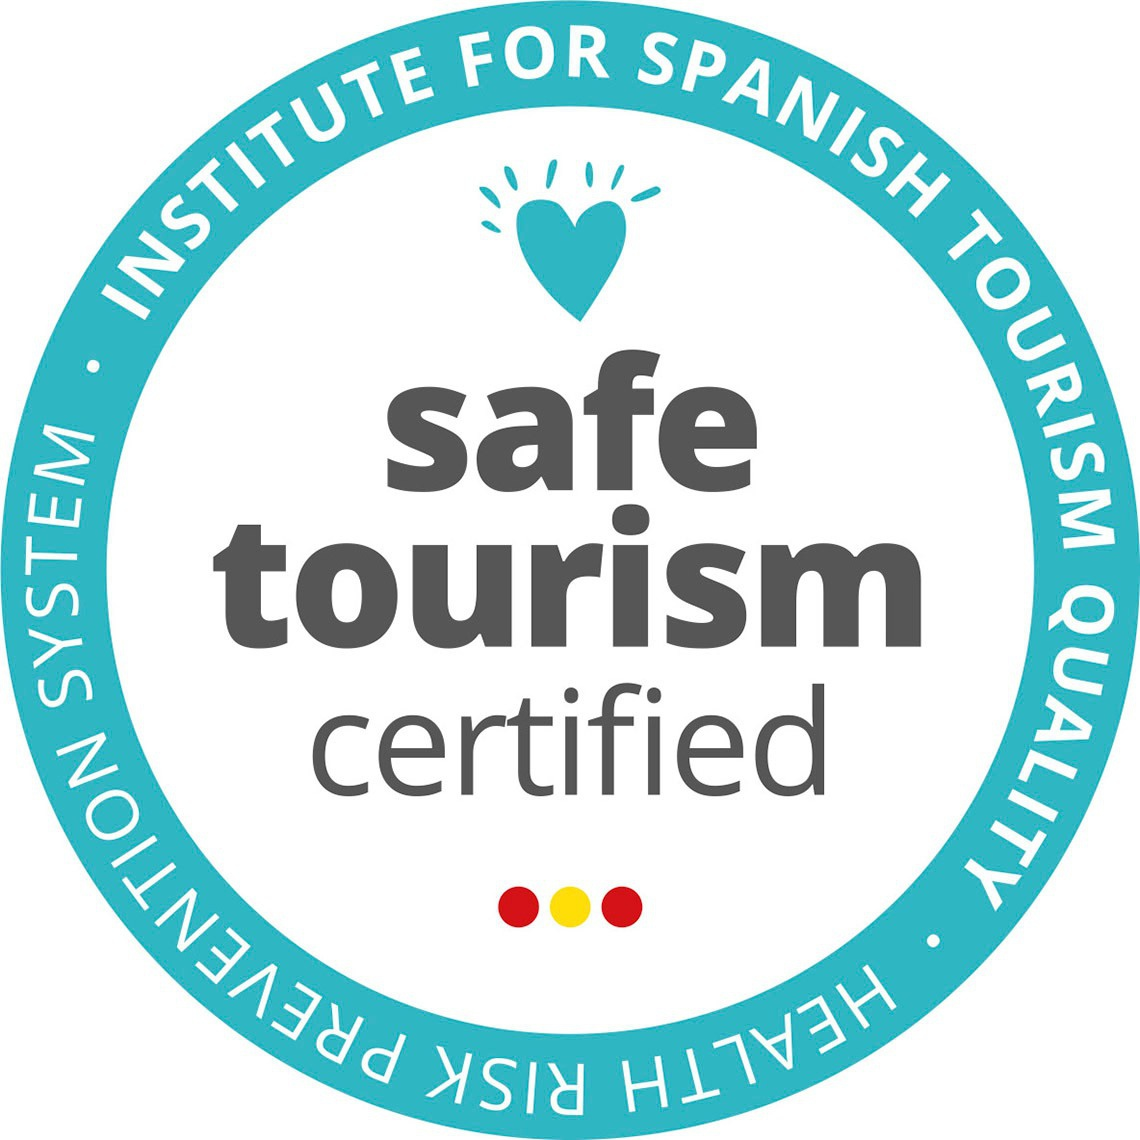 Sicherer Tourismus zertifiziert